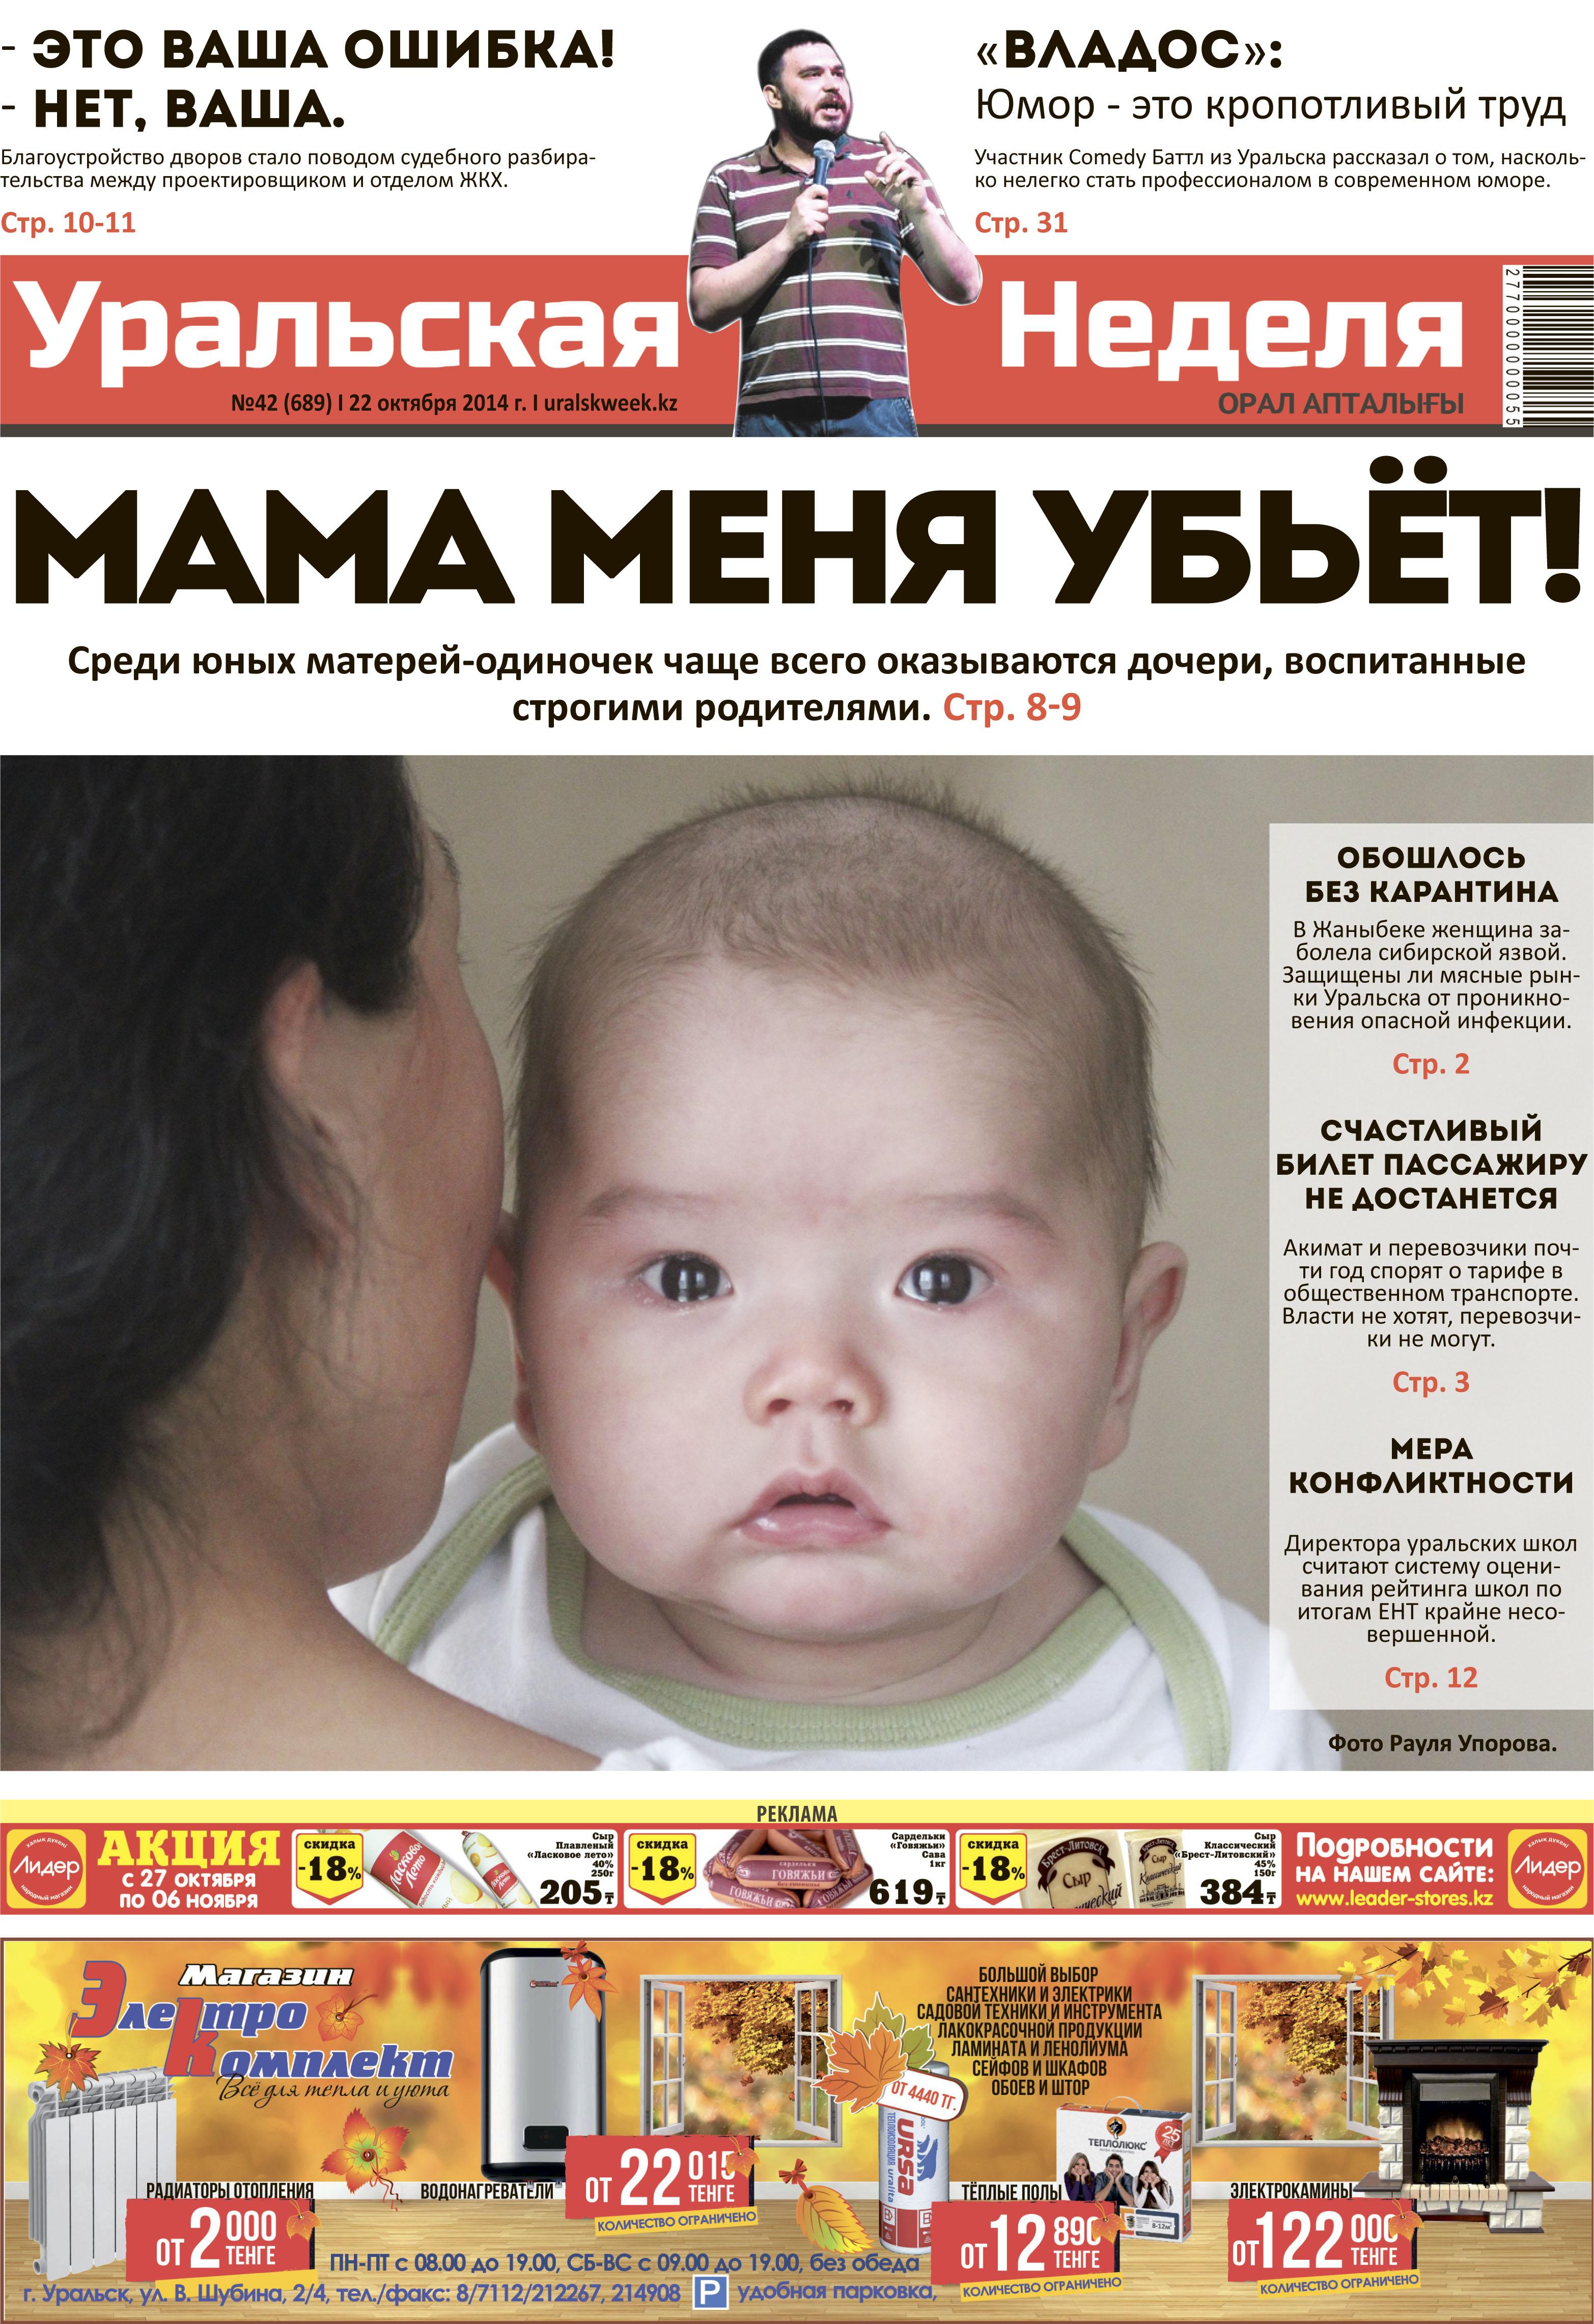 Еще свежий новости азербайджана